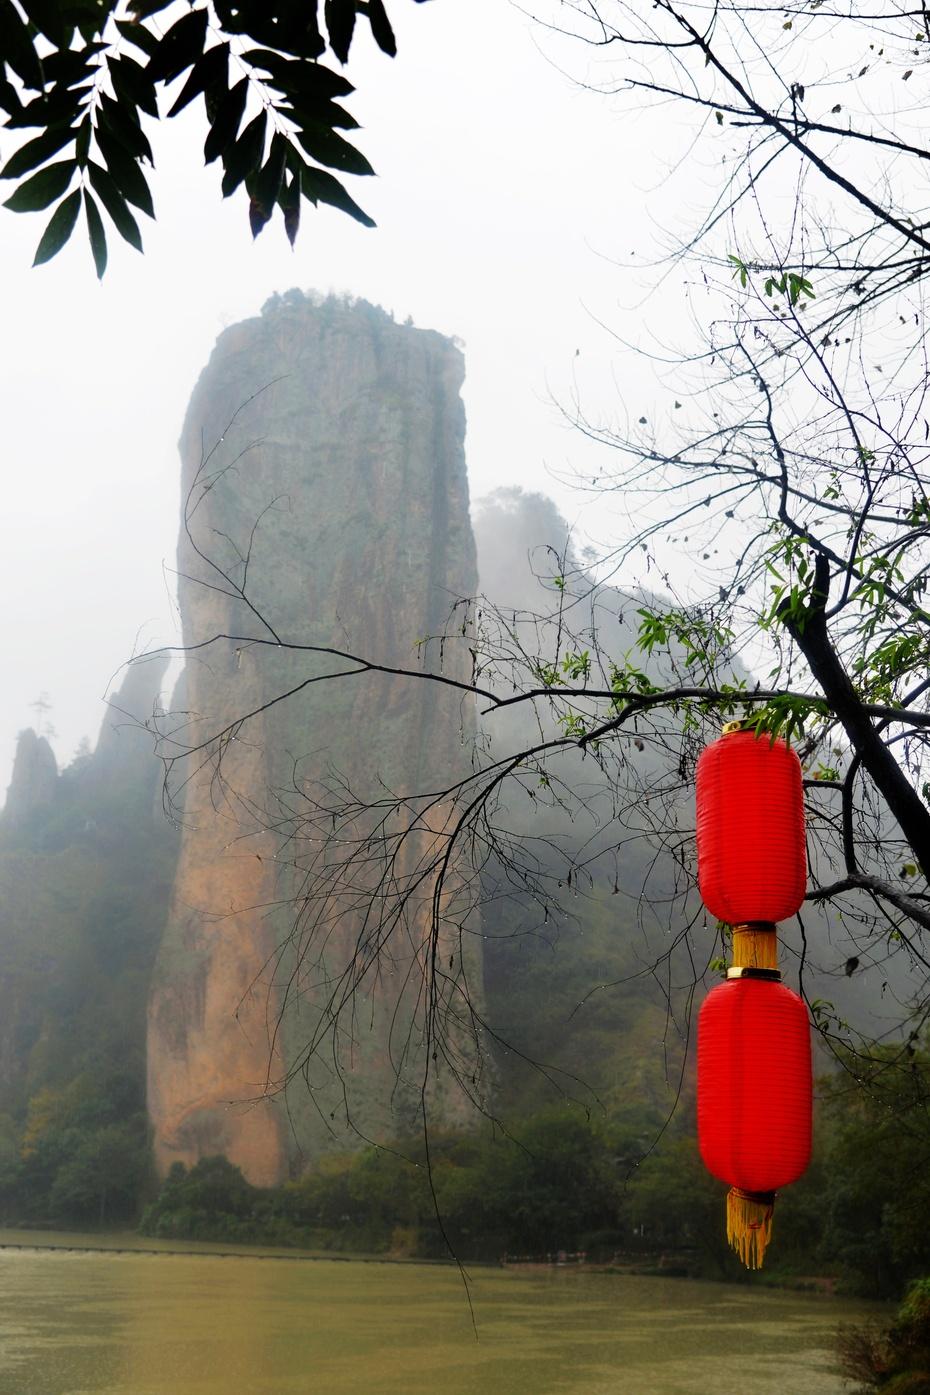 鼎湖峰,黄帝飞天的地方大红灯笼高高挂 - 海军航空兵 - 海军航空兵